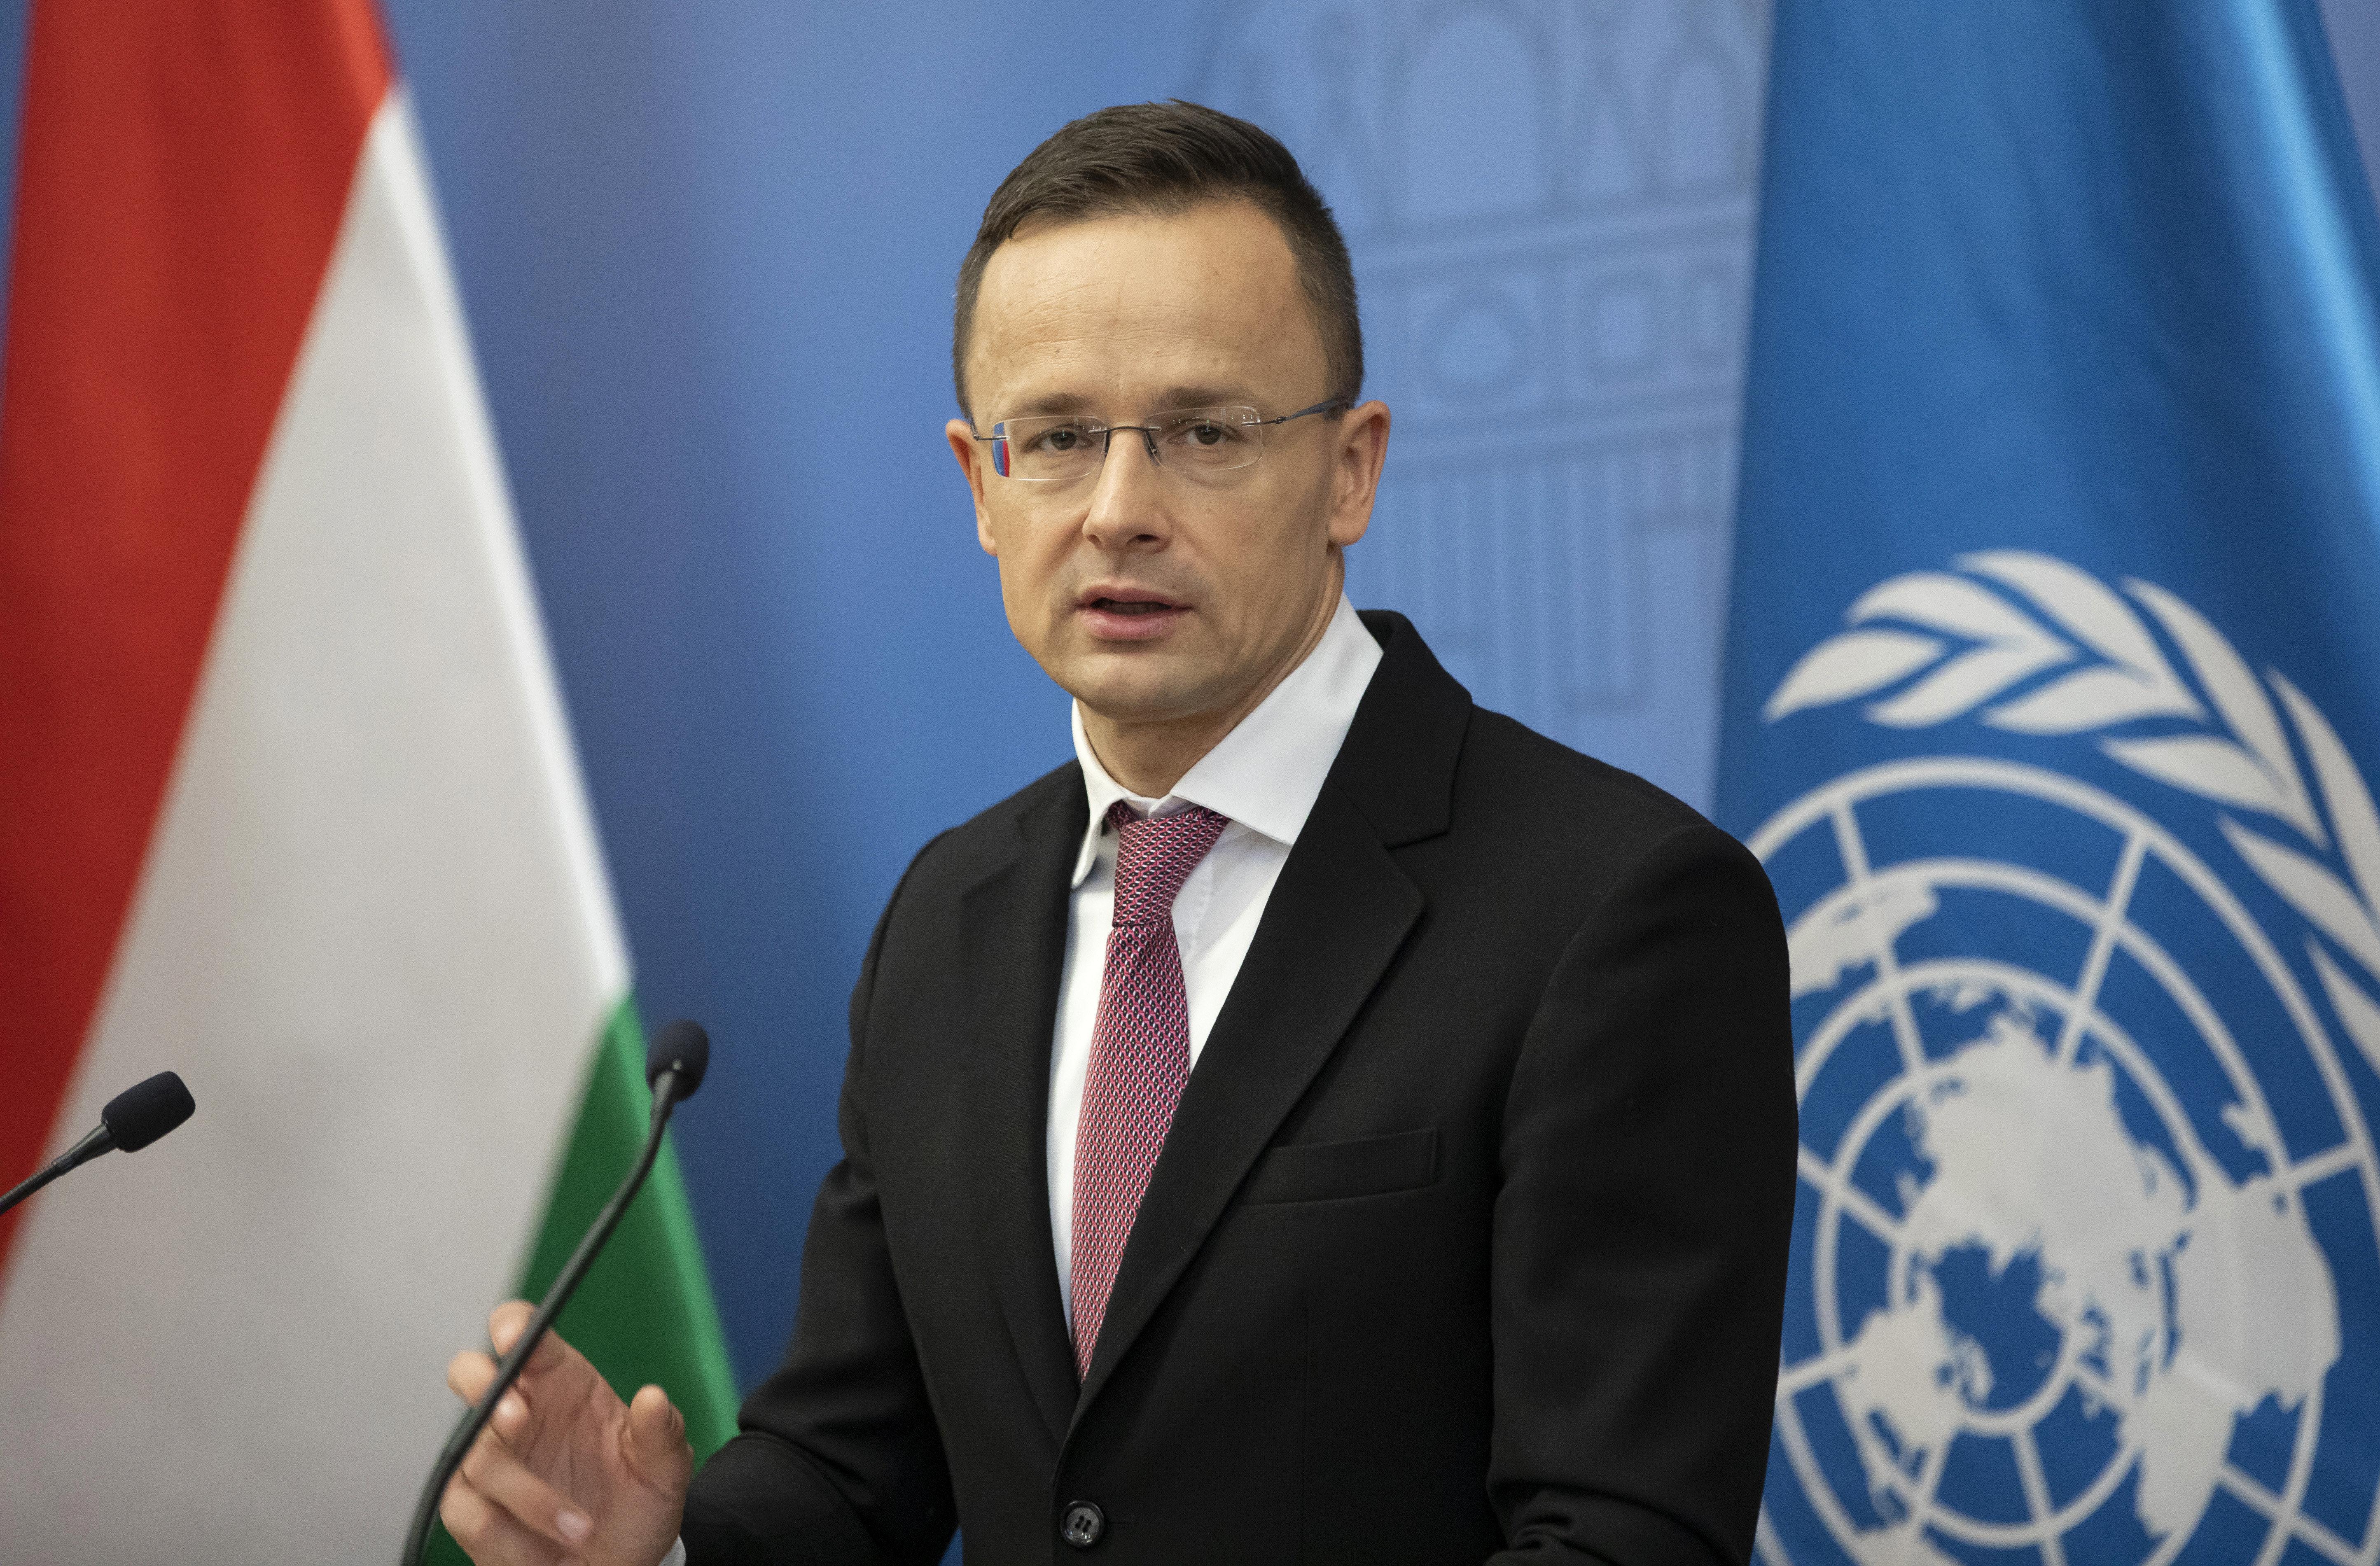 Az ENSZ terrorellenes tevékenységének a rendes költségvetés részévé kell válnia